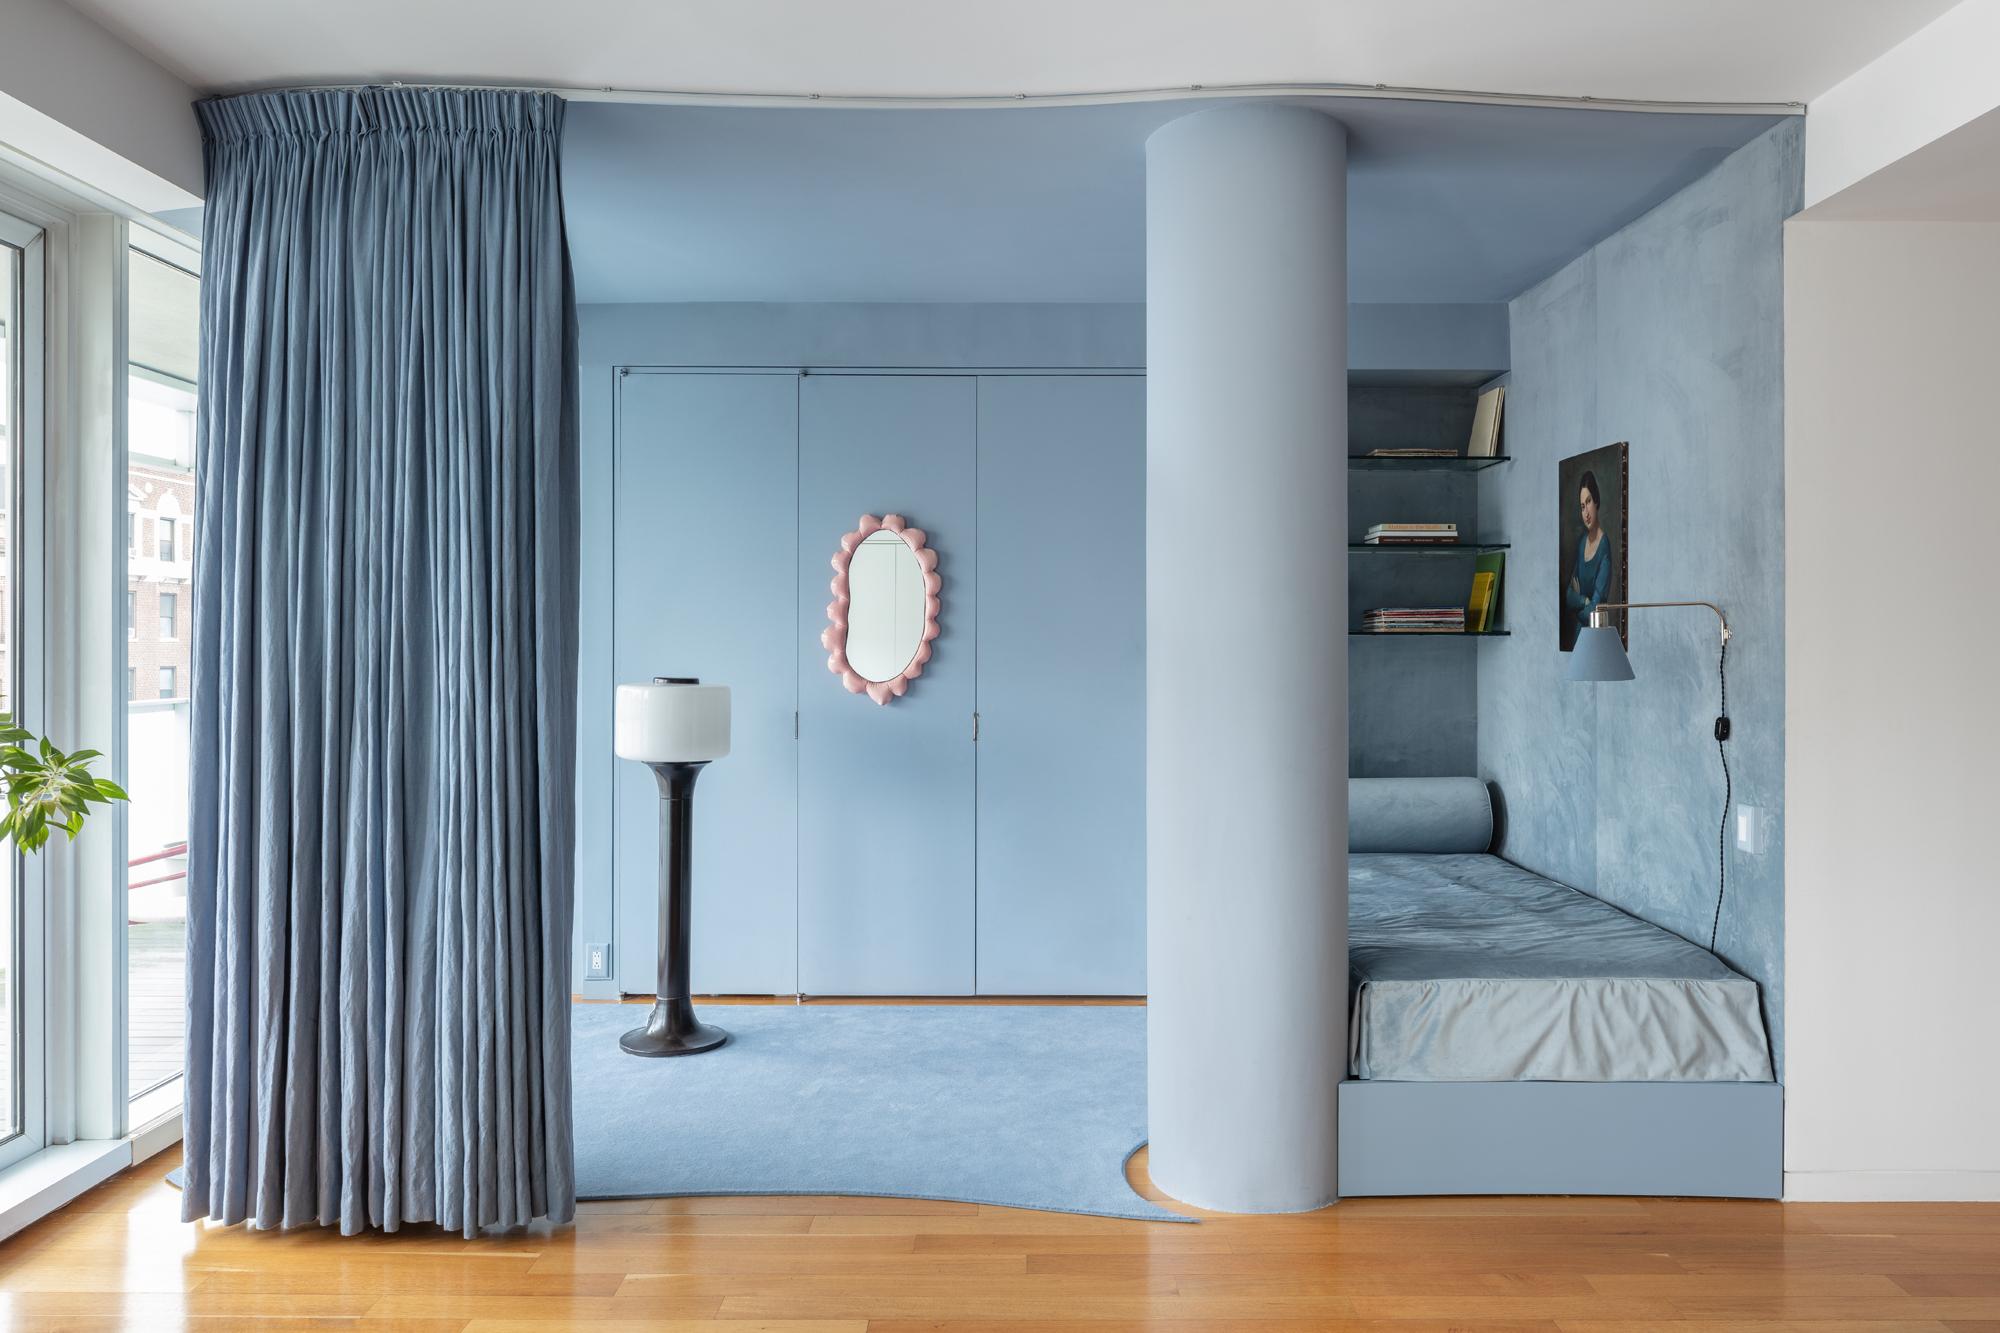 Interiors  PRIVATE RESIDENCE Charlap Hyman & Herrero